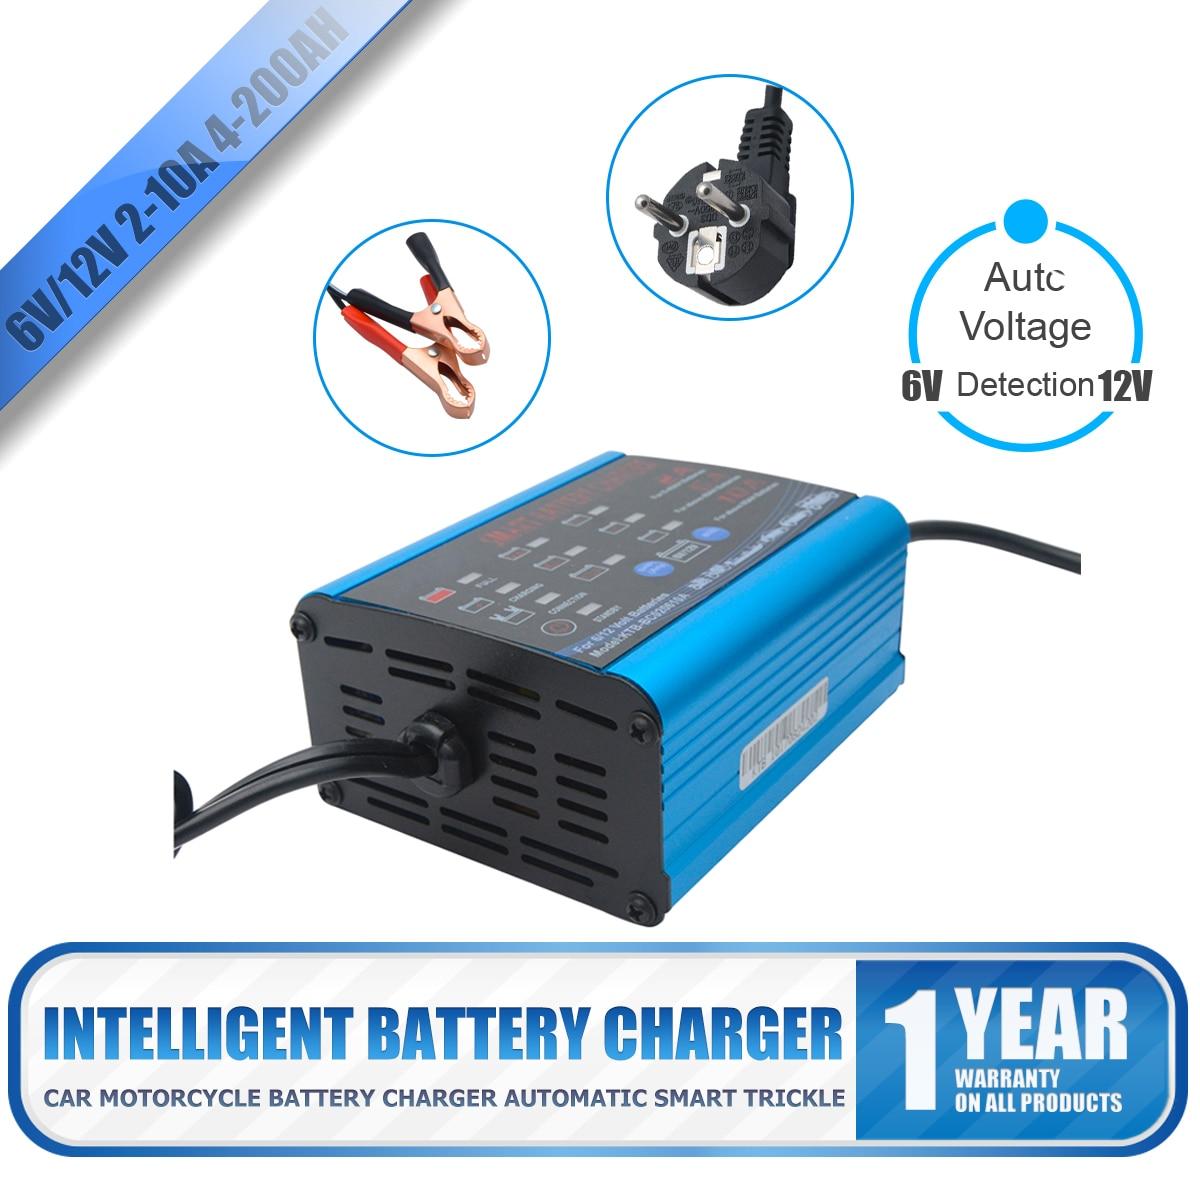 Chargeur de batterie automatique intelligent 12 V chargeur de batterie externe Portable 6 V avec indicateur d'affichage de LED